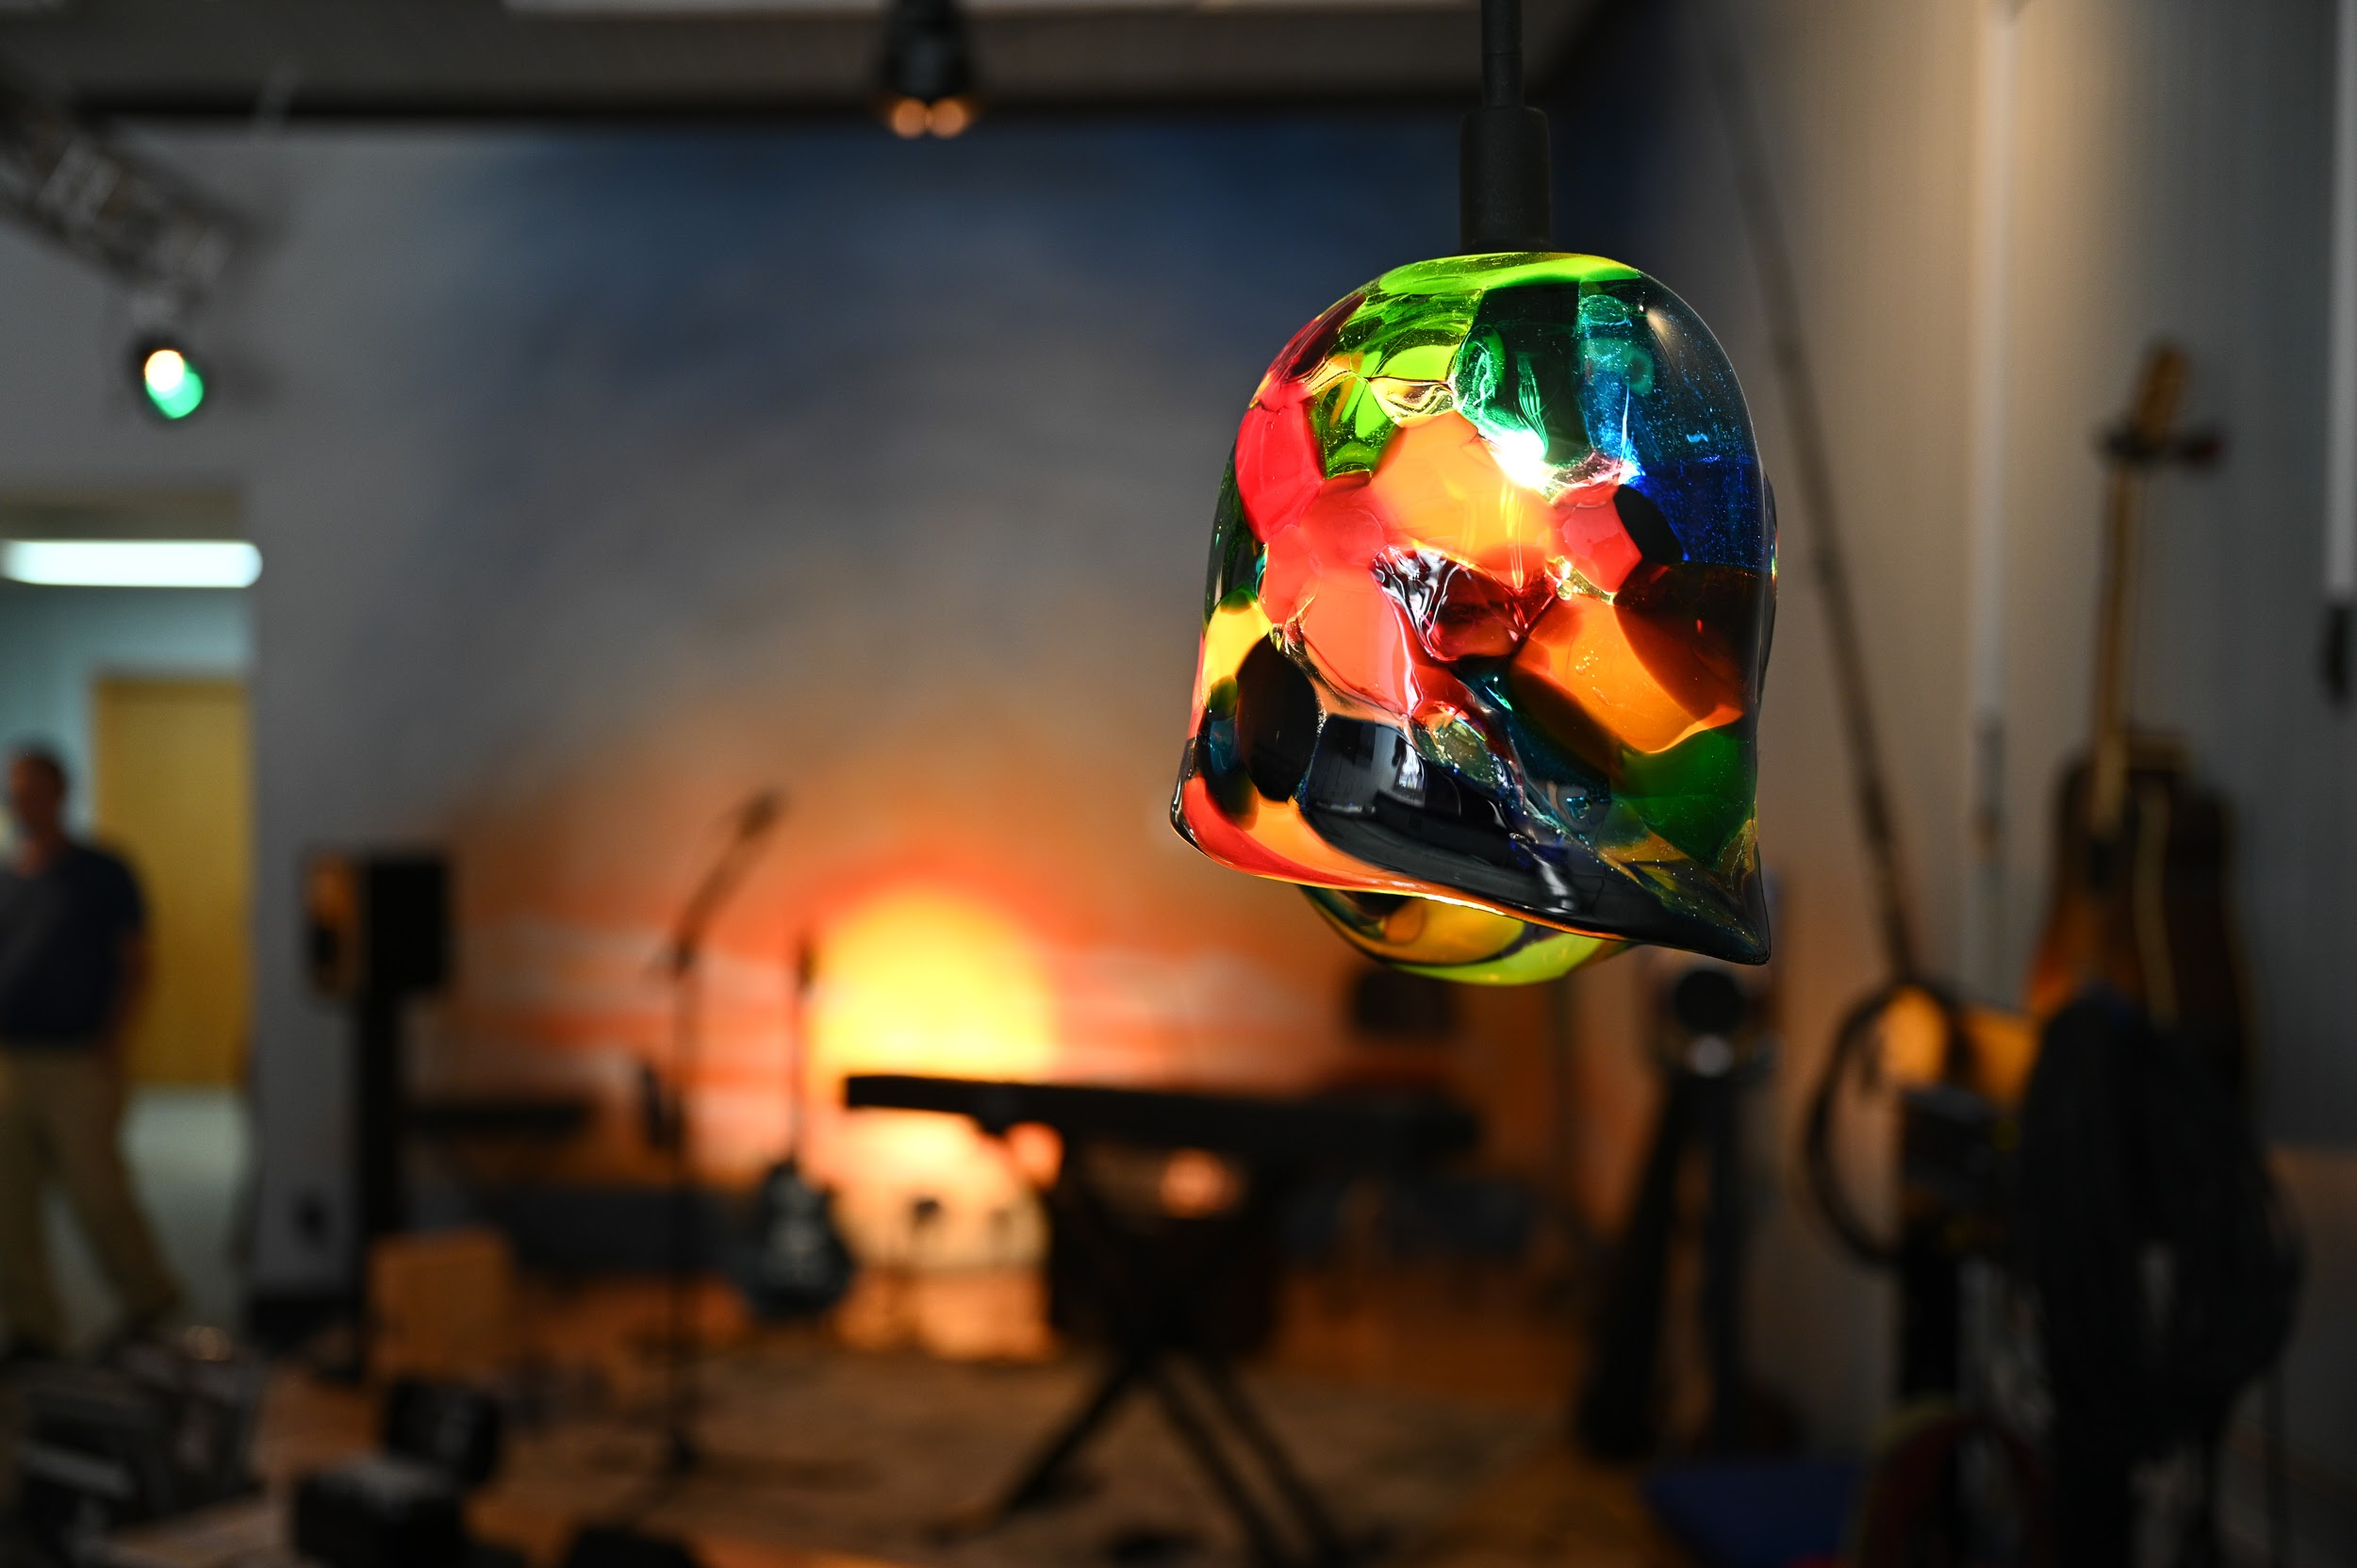 Stage & Light